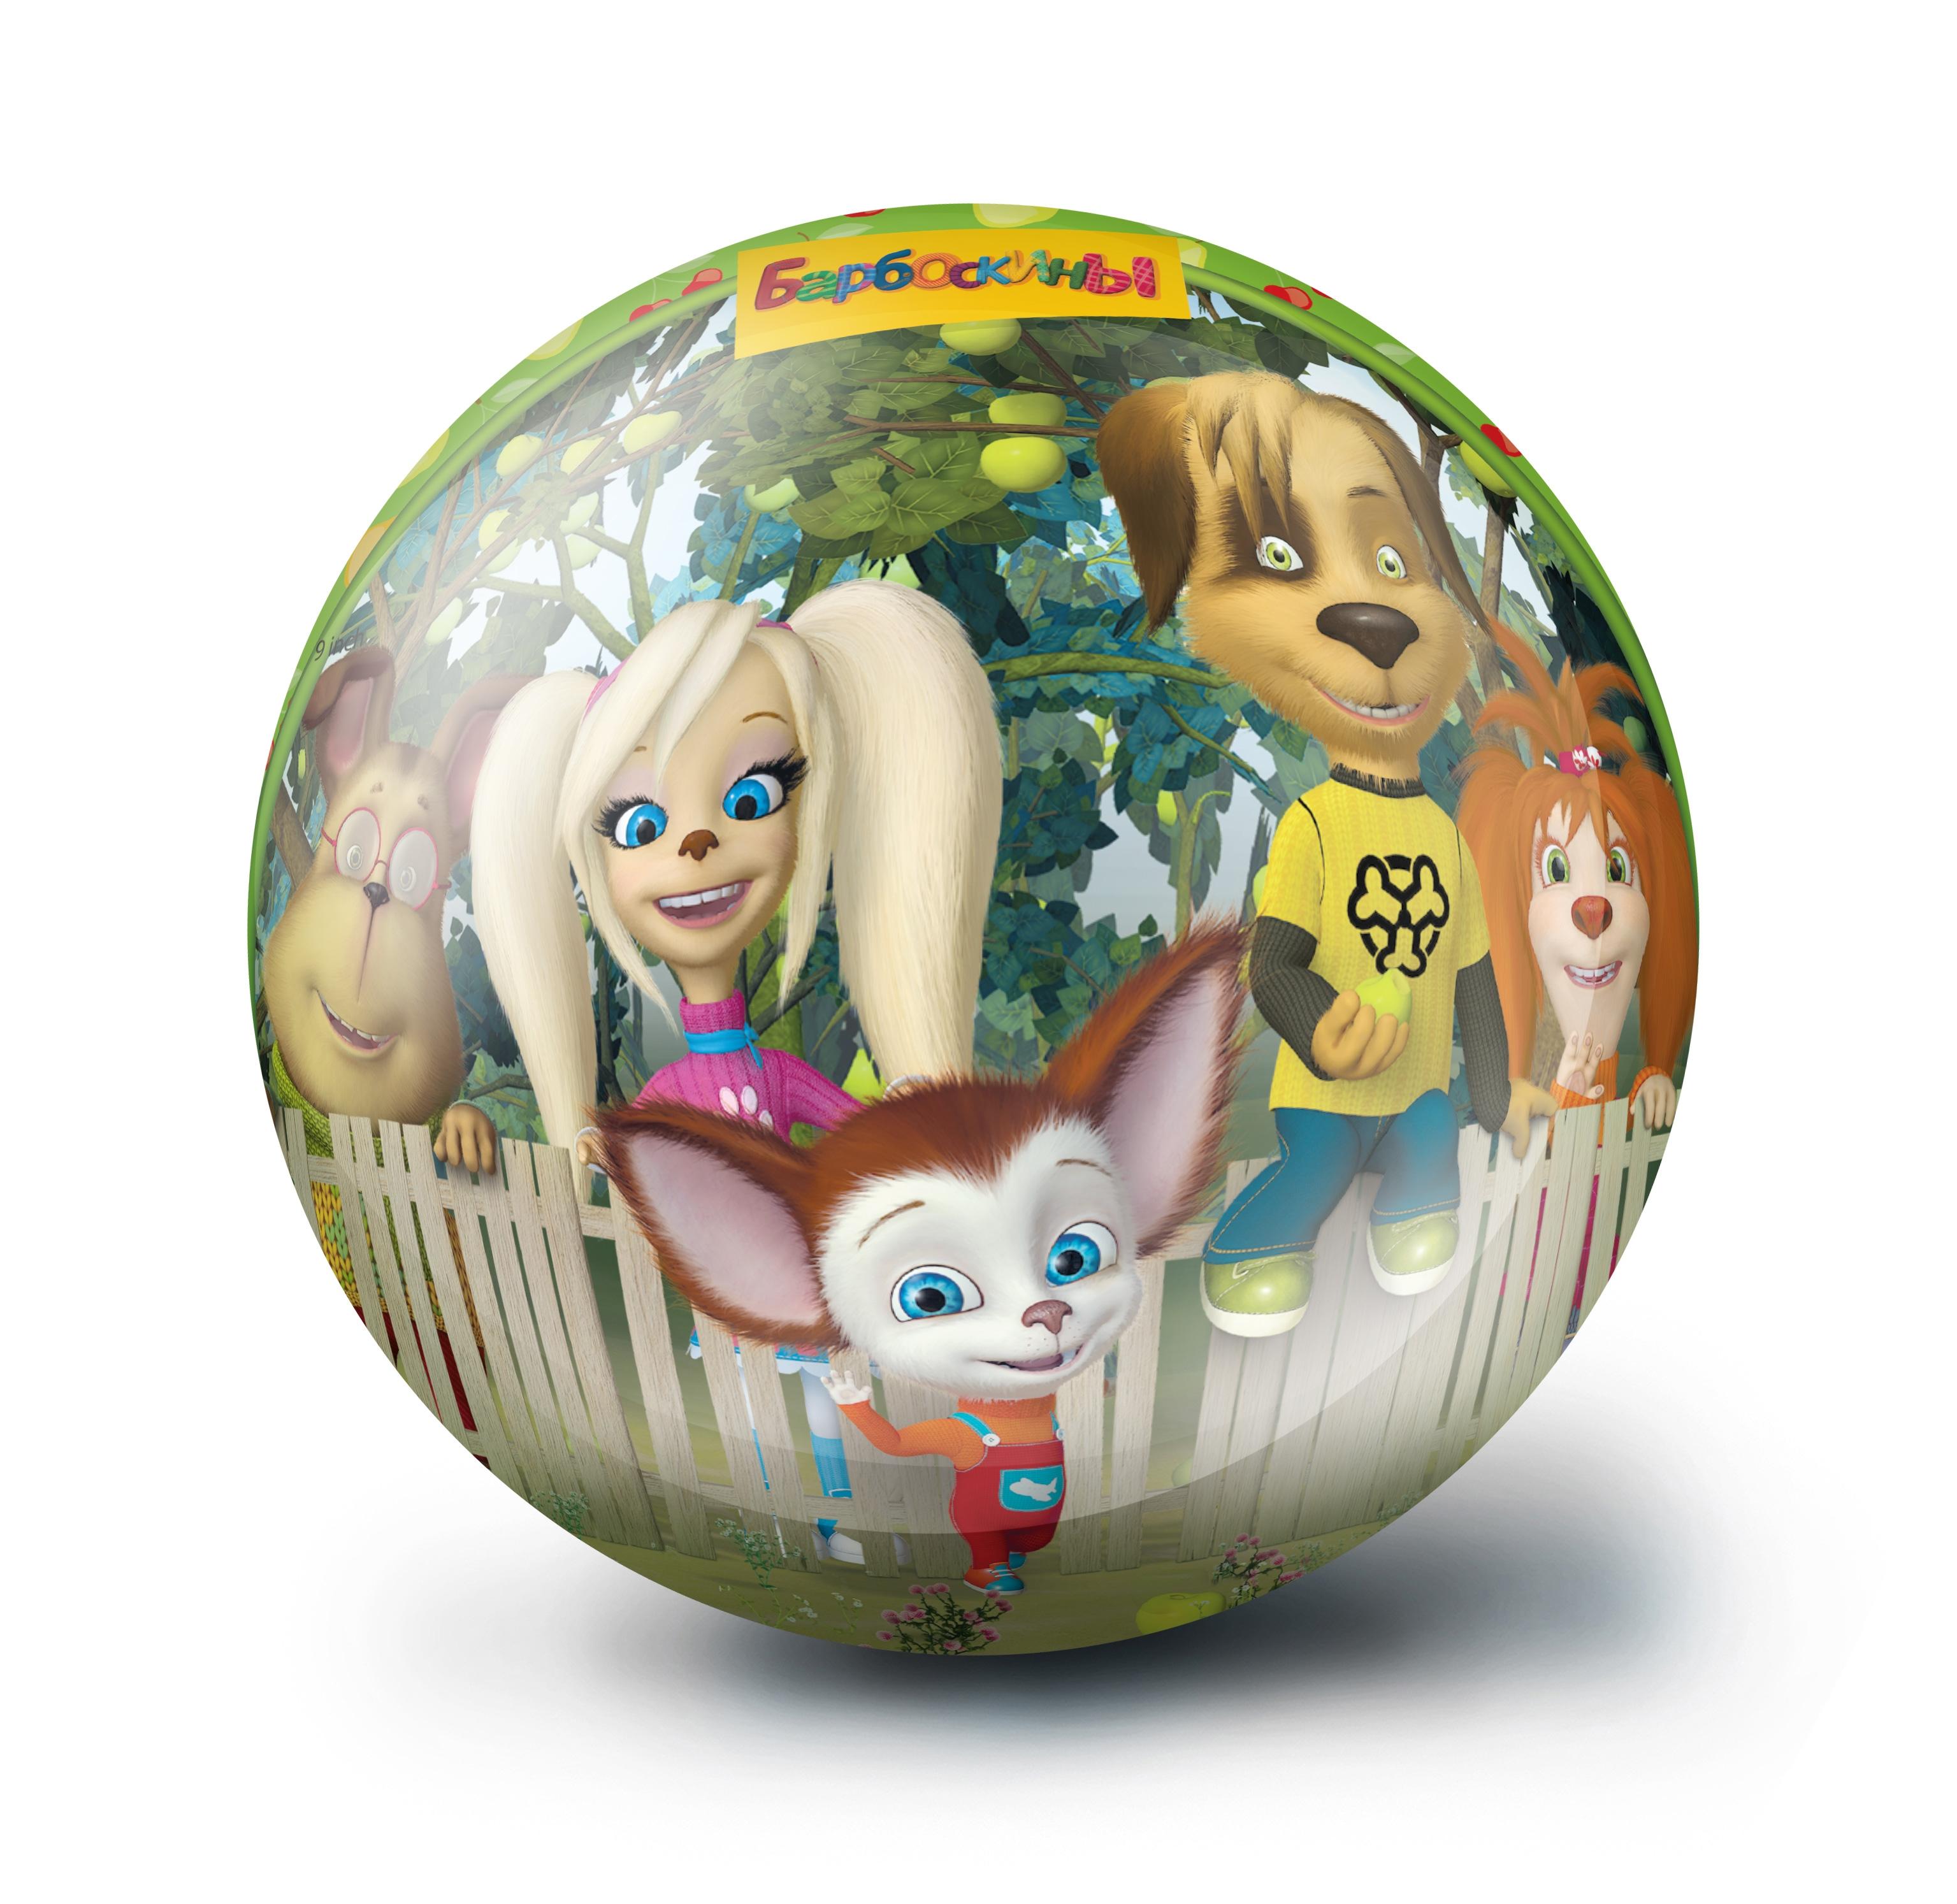 Мячи Fresh Trend Барбоскины 23 см мягкие игрушки fresh trend мяч мягкий холодное сердце 10 см